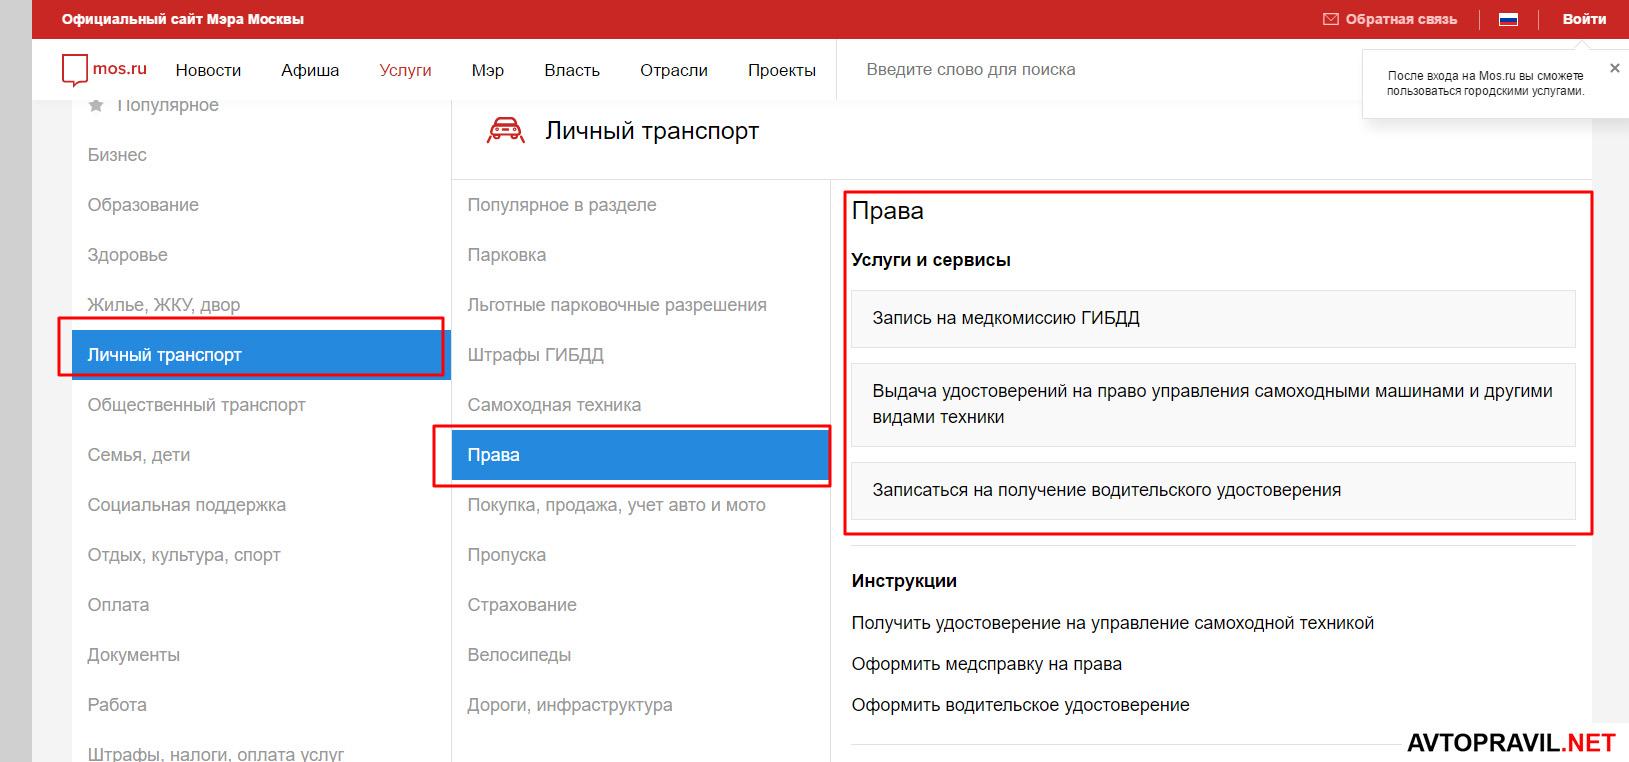 Замена прав на сайте mos.ru